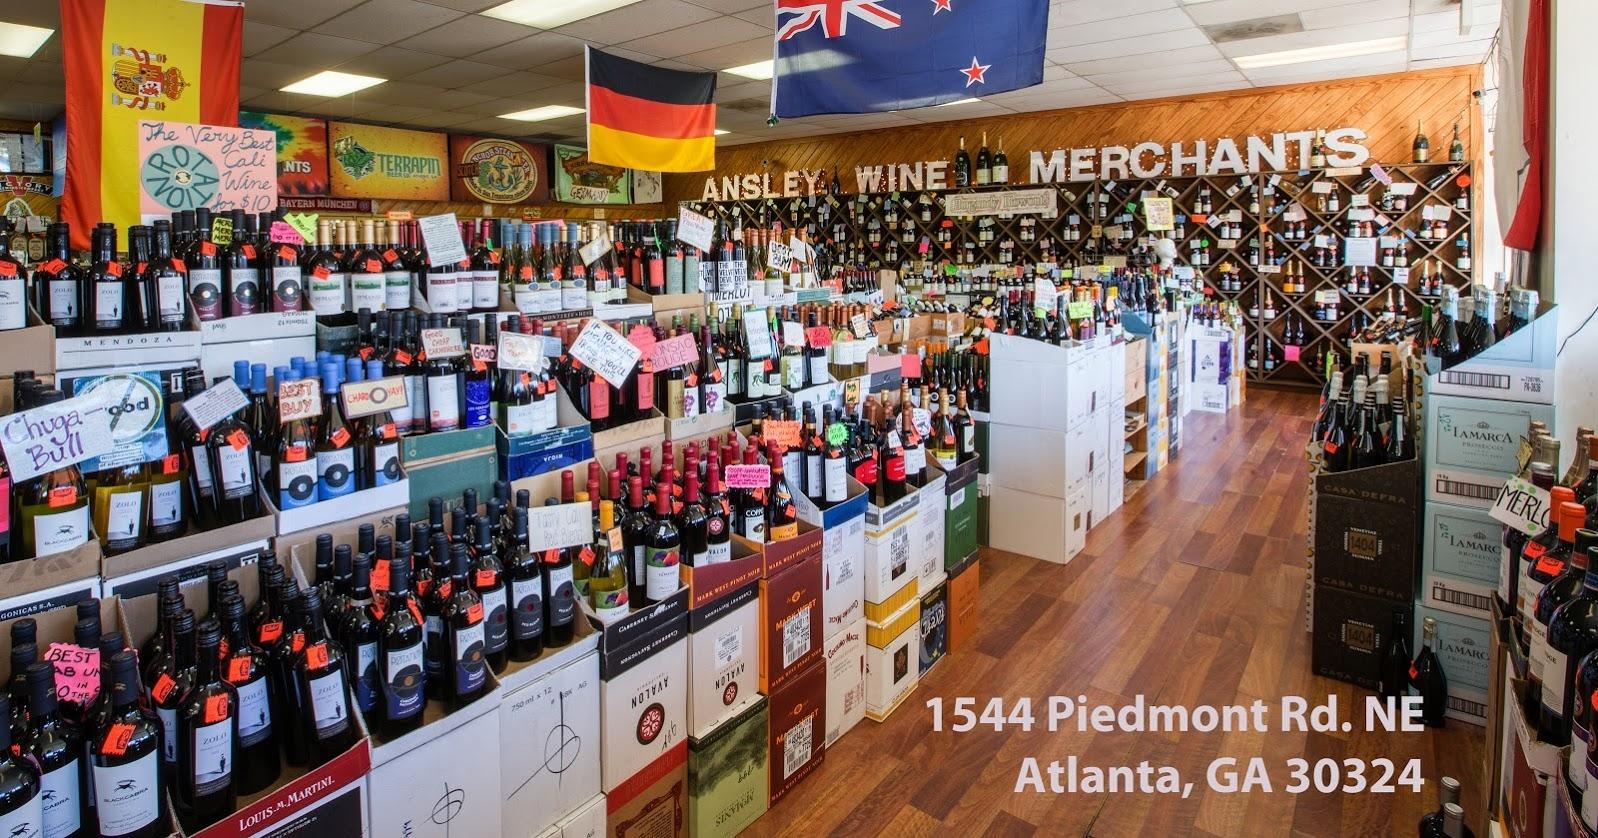 Ansley Wine Merchants image 8